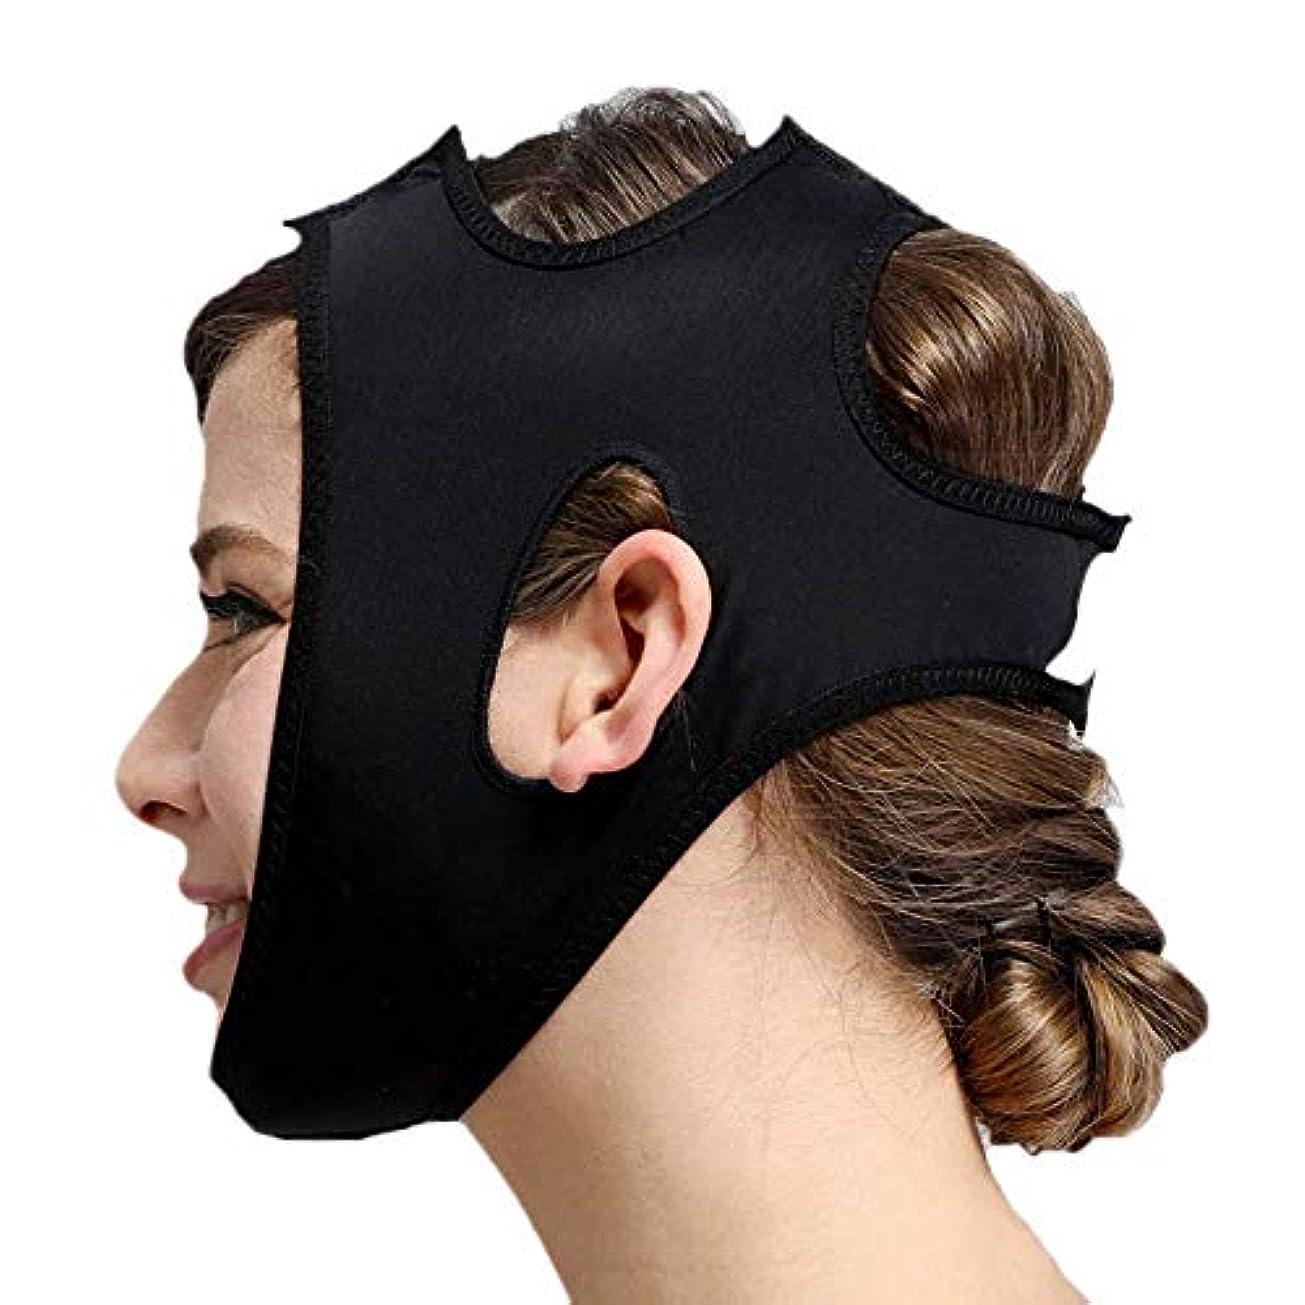 かるダーリン許容できるフェイススリミングマスク、快適さと通気性、フェイシャルリフティング、輪郭の改善された硬さ、ファーミングとリフティングフェイス(カラー:ブラック、サイズ:XL),黒、XXL